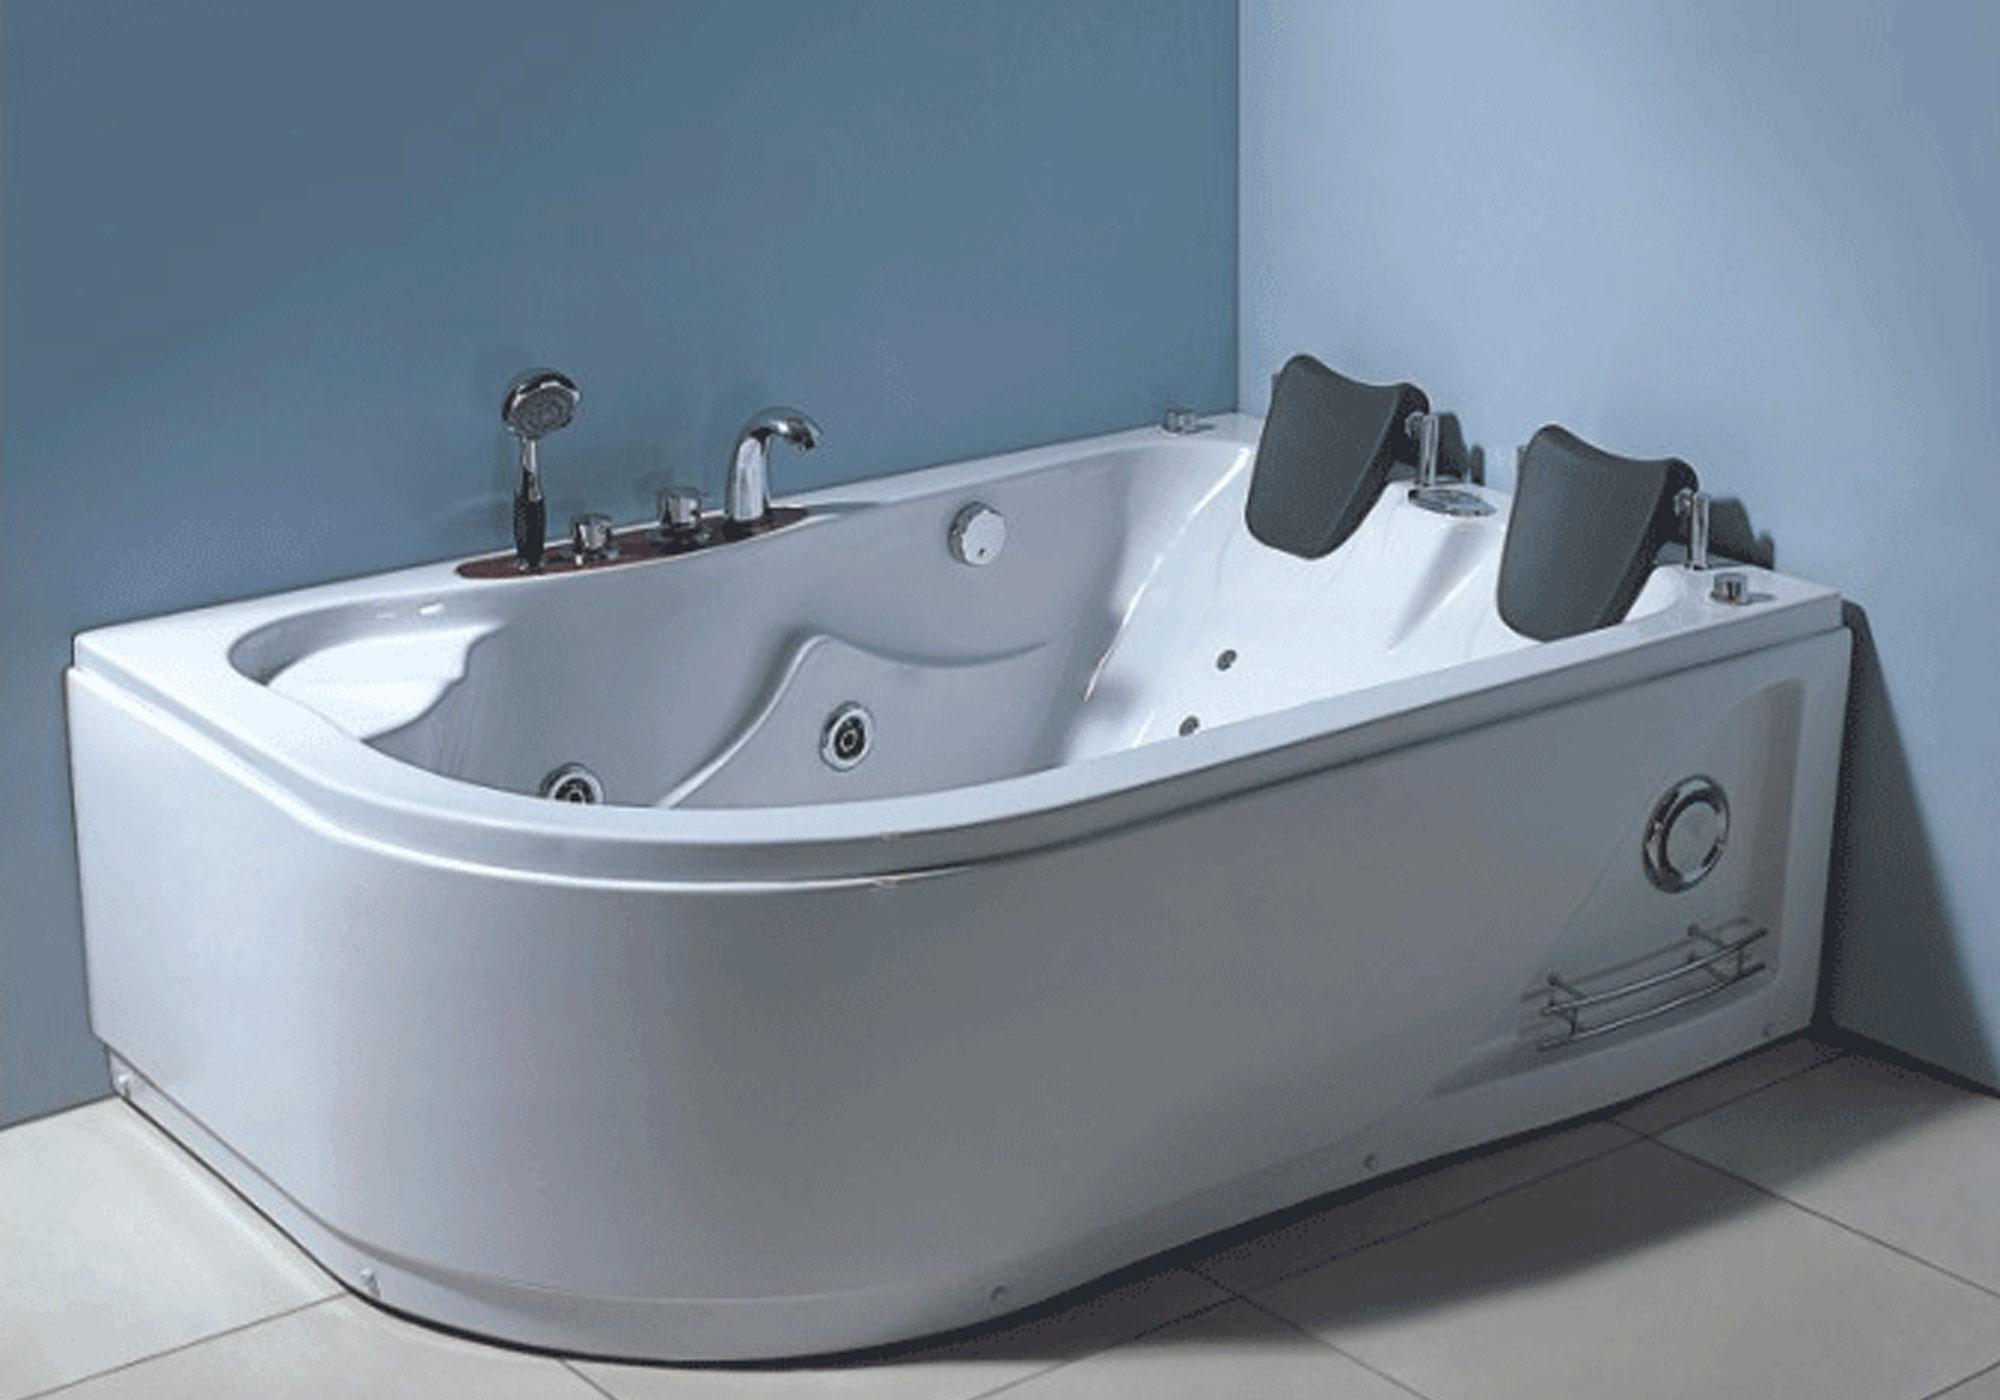 Vasca idromassaggio angolare 170 x 115 cm per 2 persone varadero - Brico vasche da bagno ...